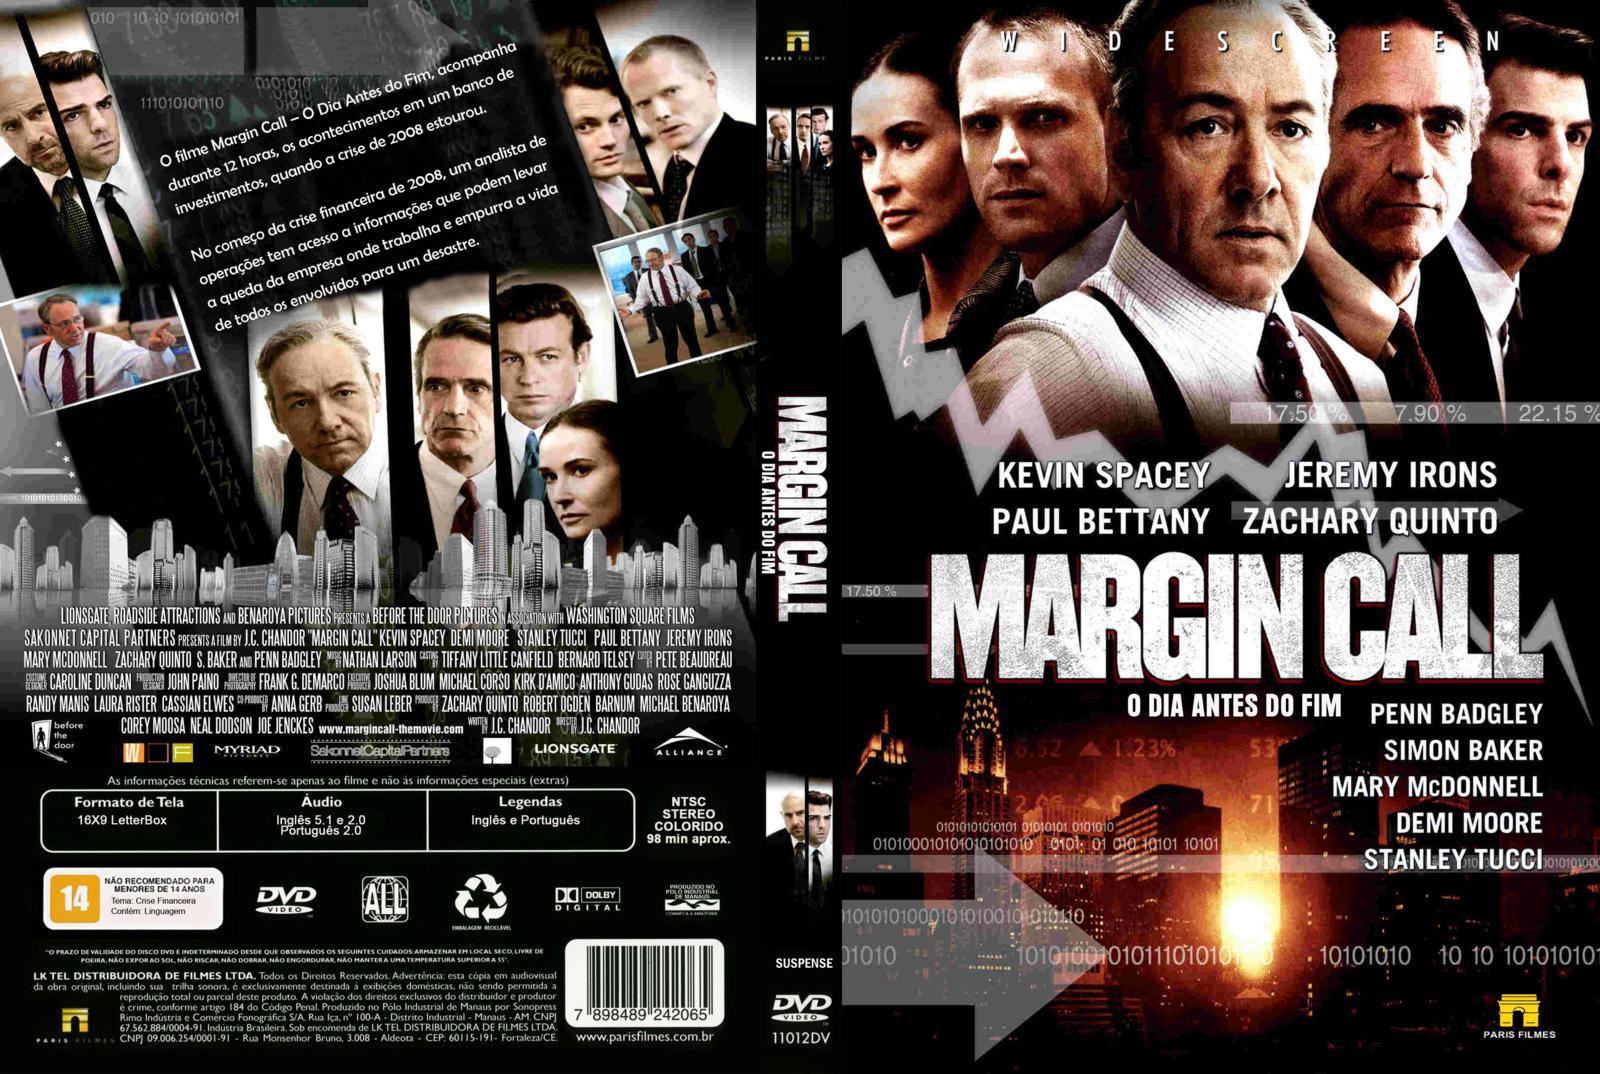 CAPAS DVD-R GRATIS  Margin Call O Dia Antes do Fim cbea49a741f